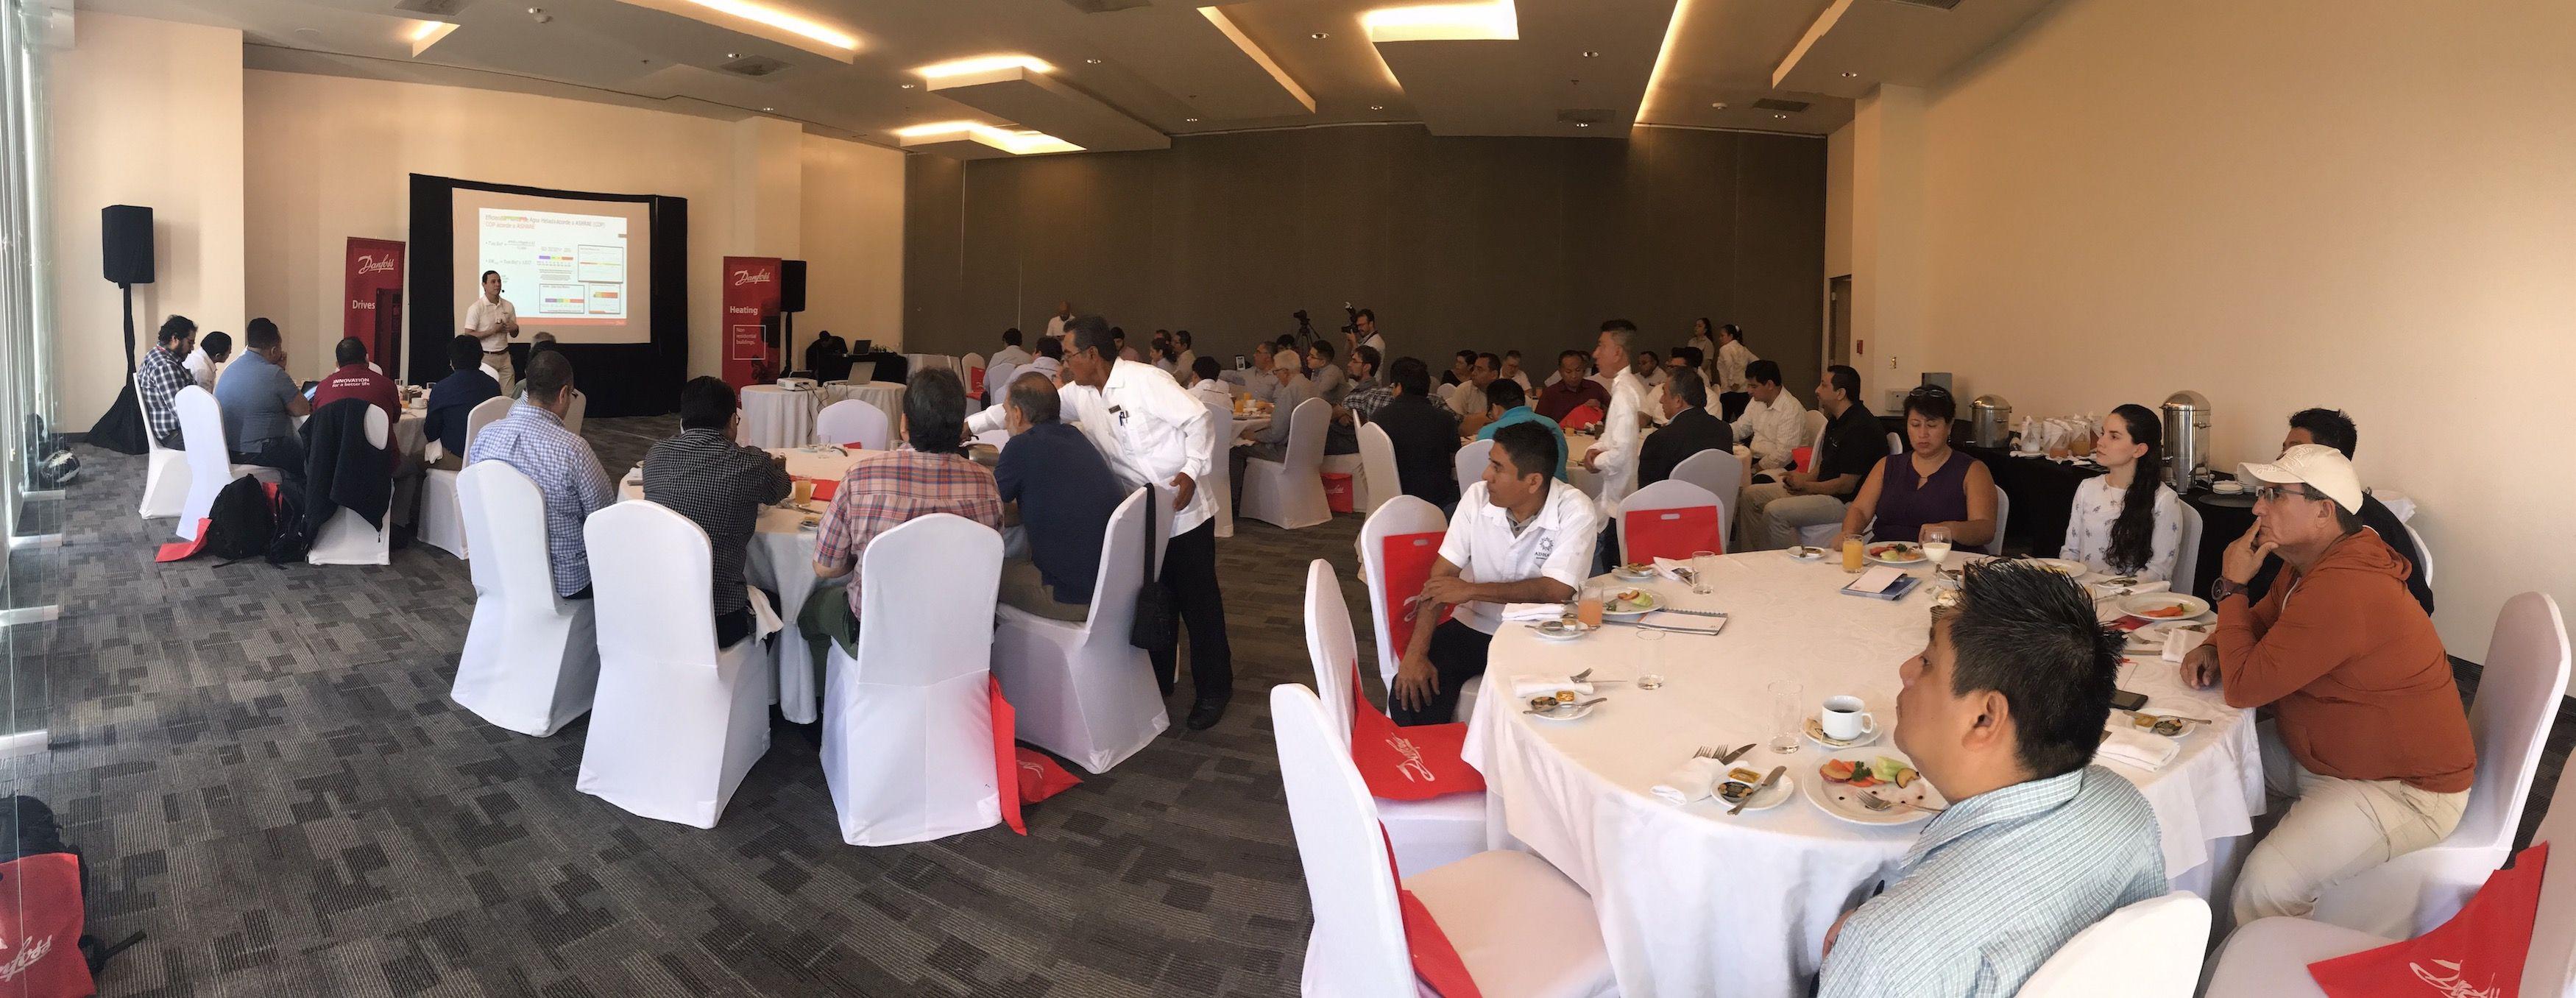 Foto de Realiza Danfoss seminario de eficiencia energética en